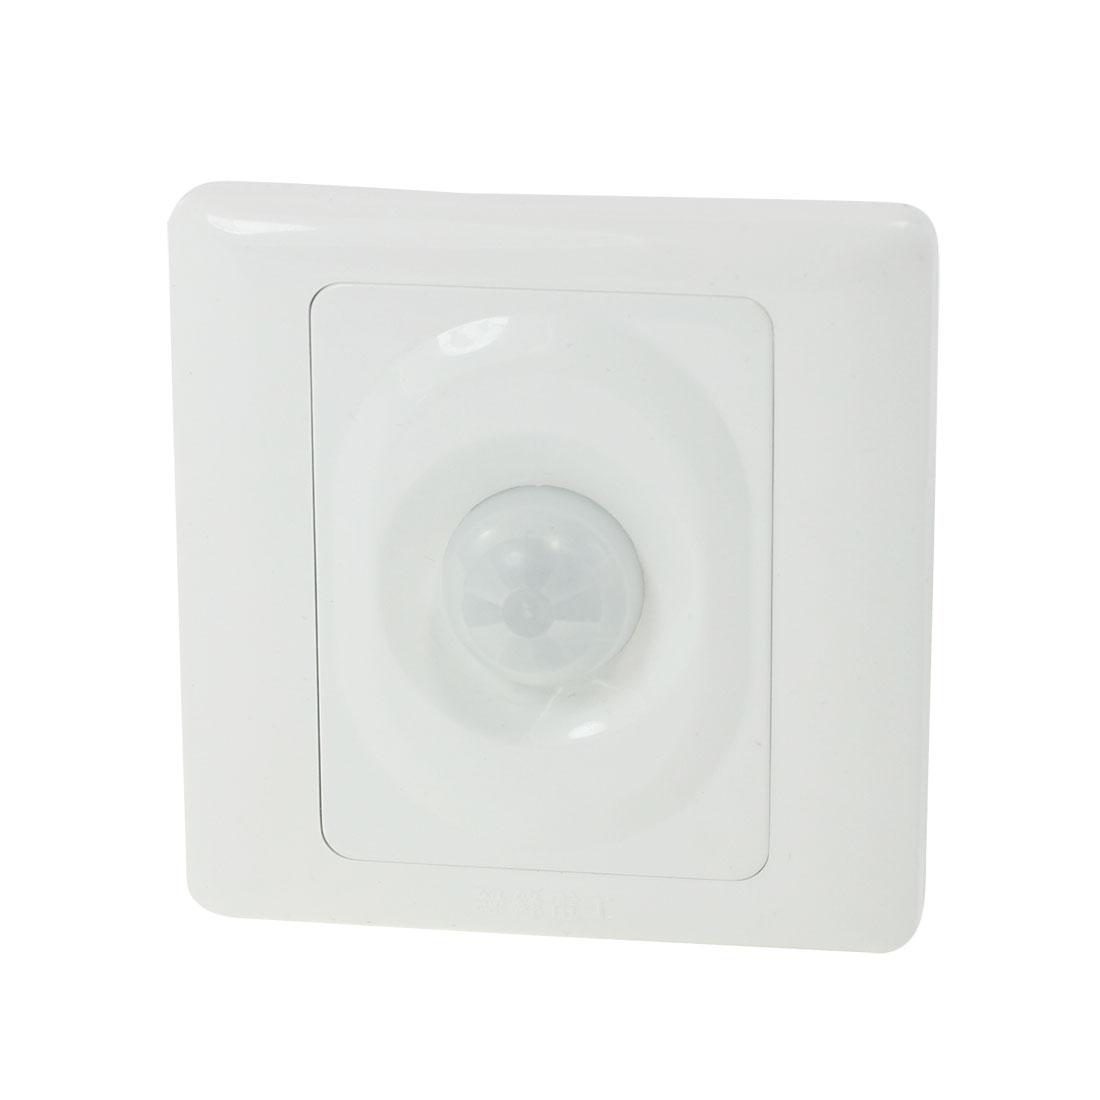 IR Save Energy Motion Sensor Automatic Light Switch 4 Screw Terminals AC 220V